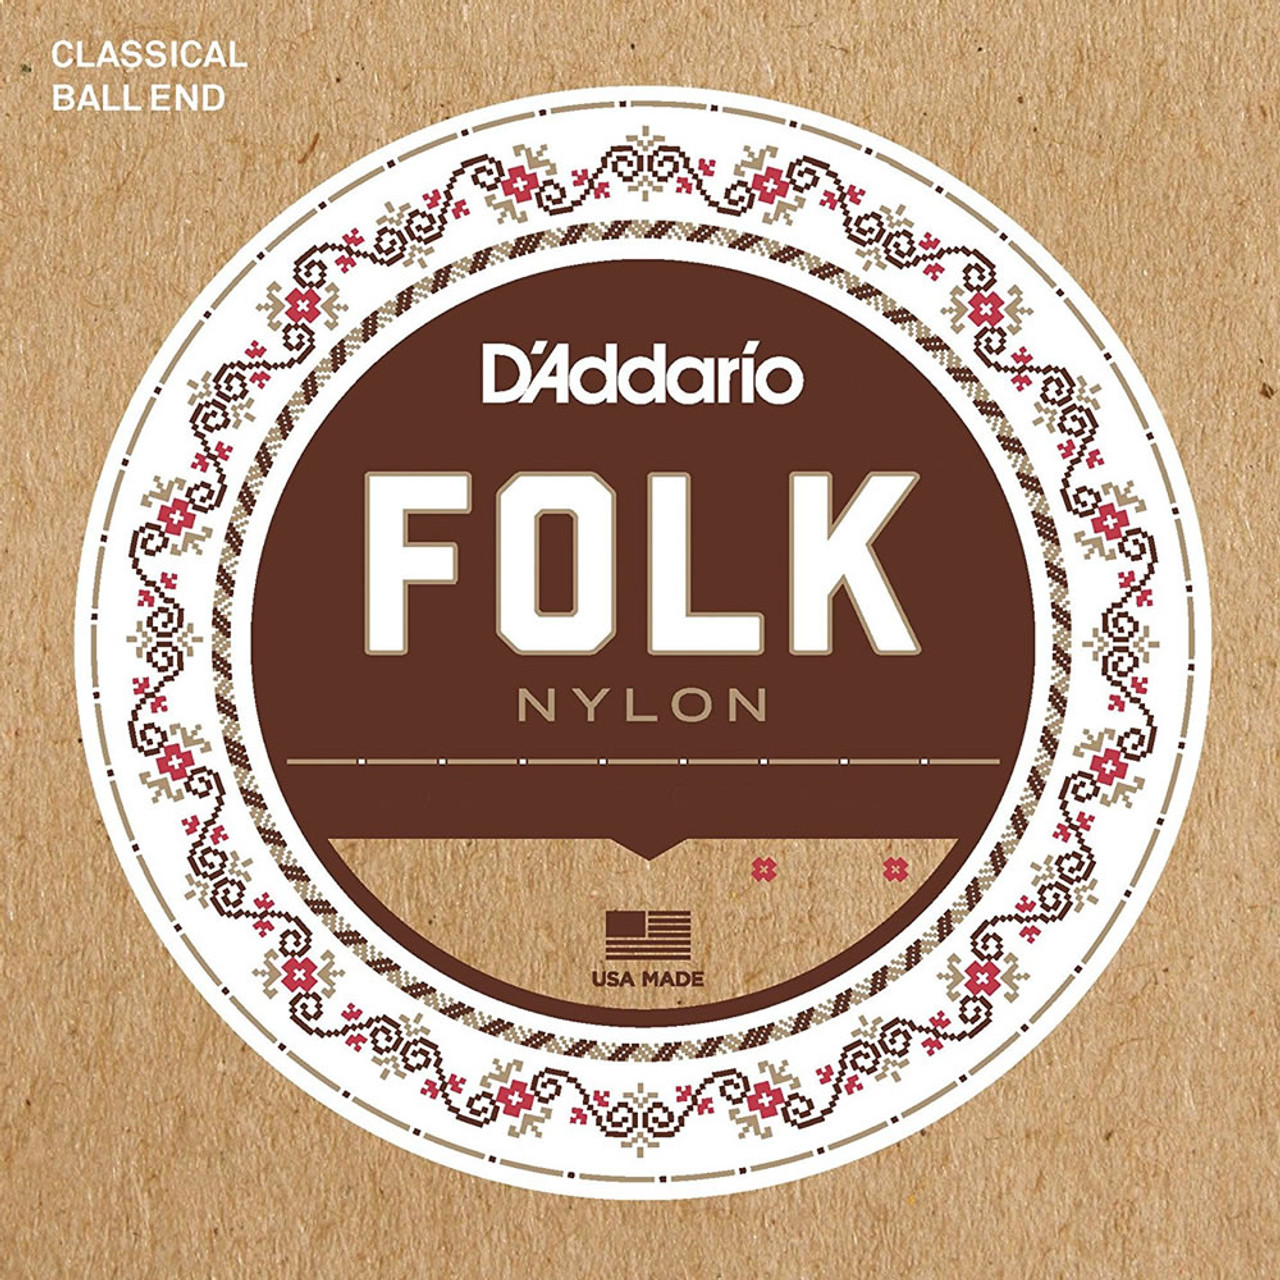 D'addario Folk Nylon Ball End Guitar Strings Ireland